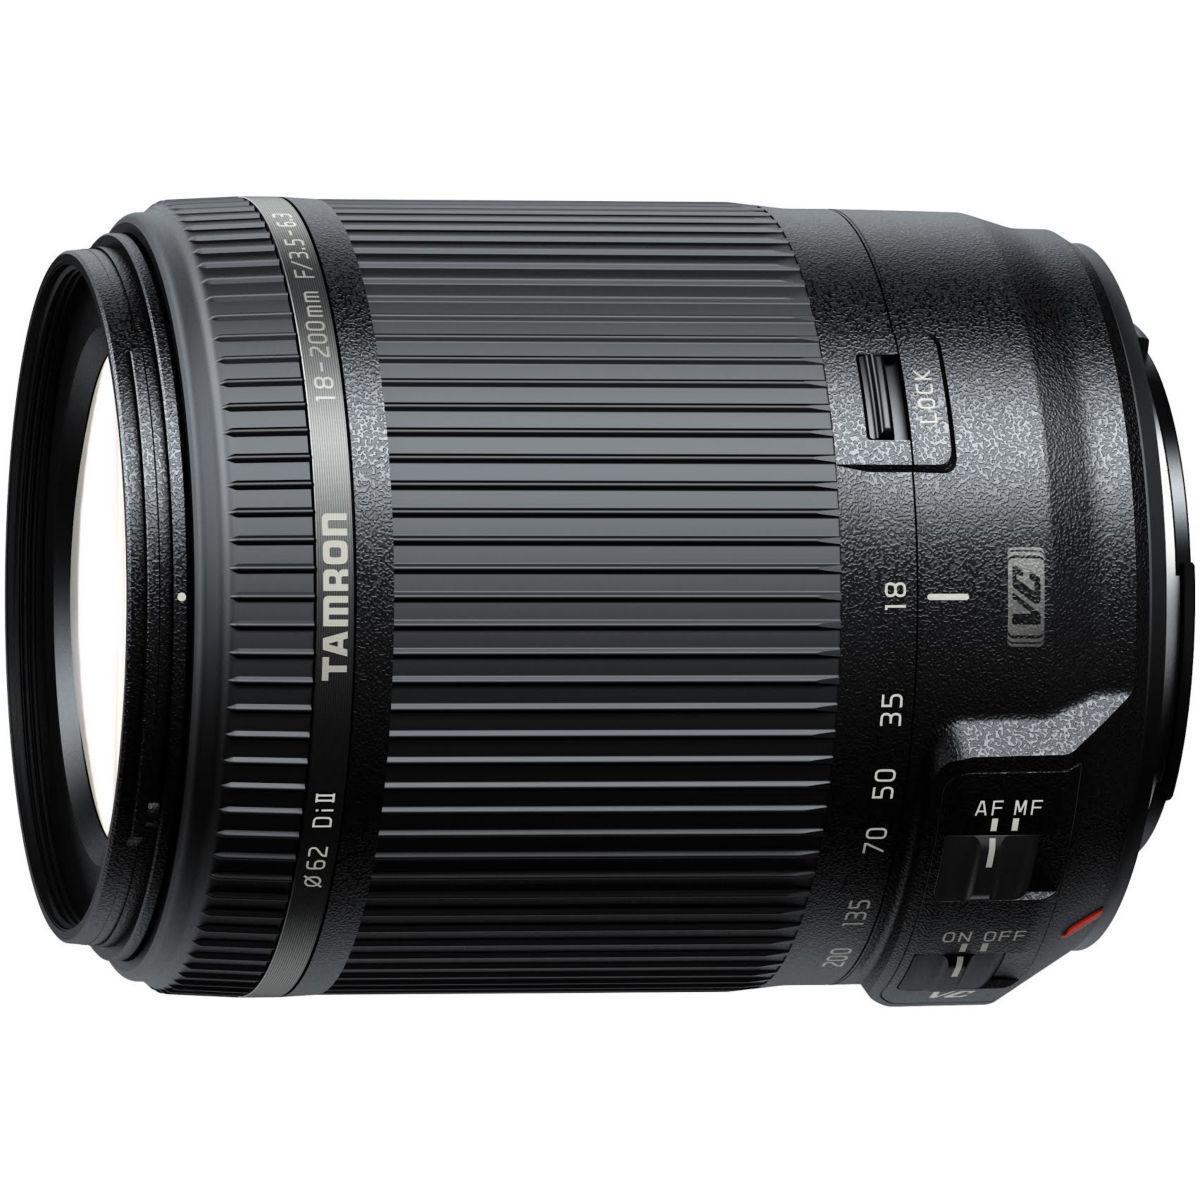 Objectif Nikon F 18-200 mm f/3.5-6.3